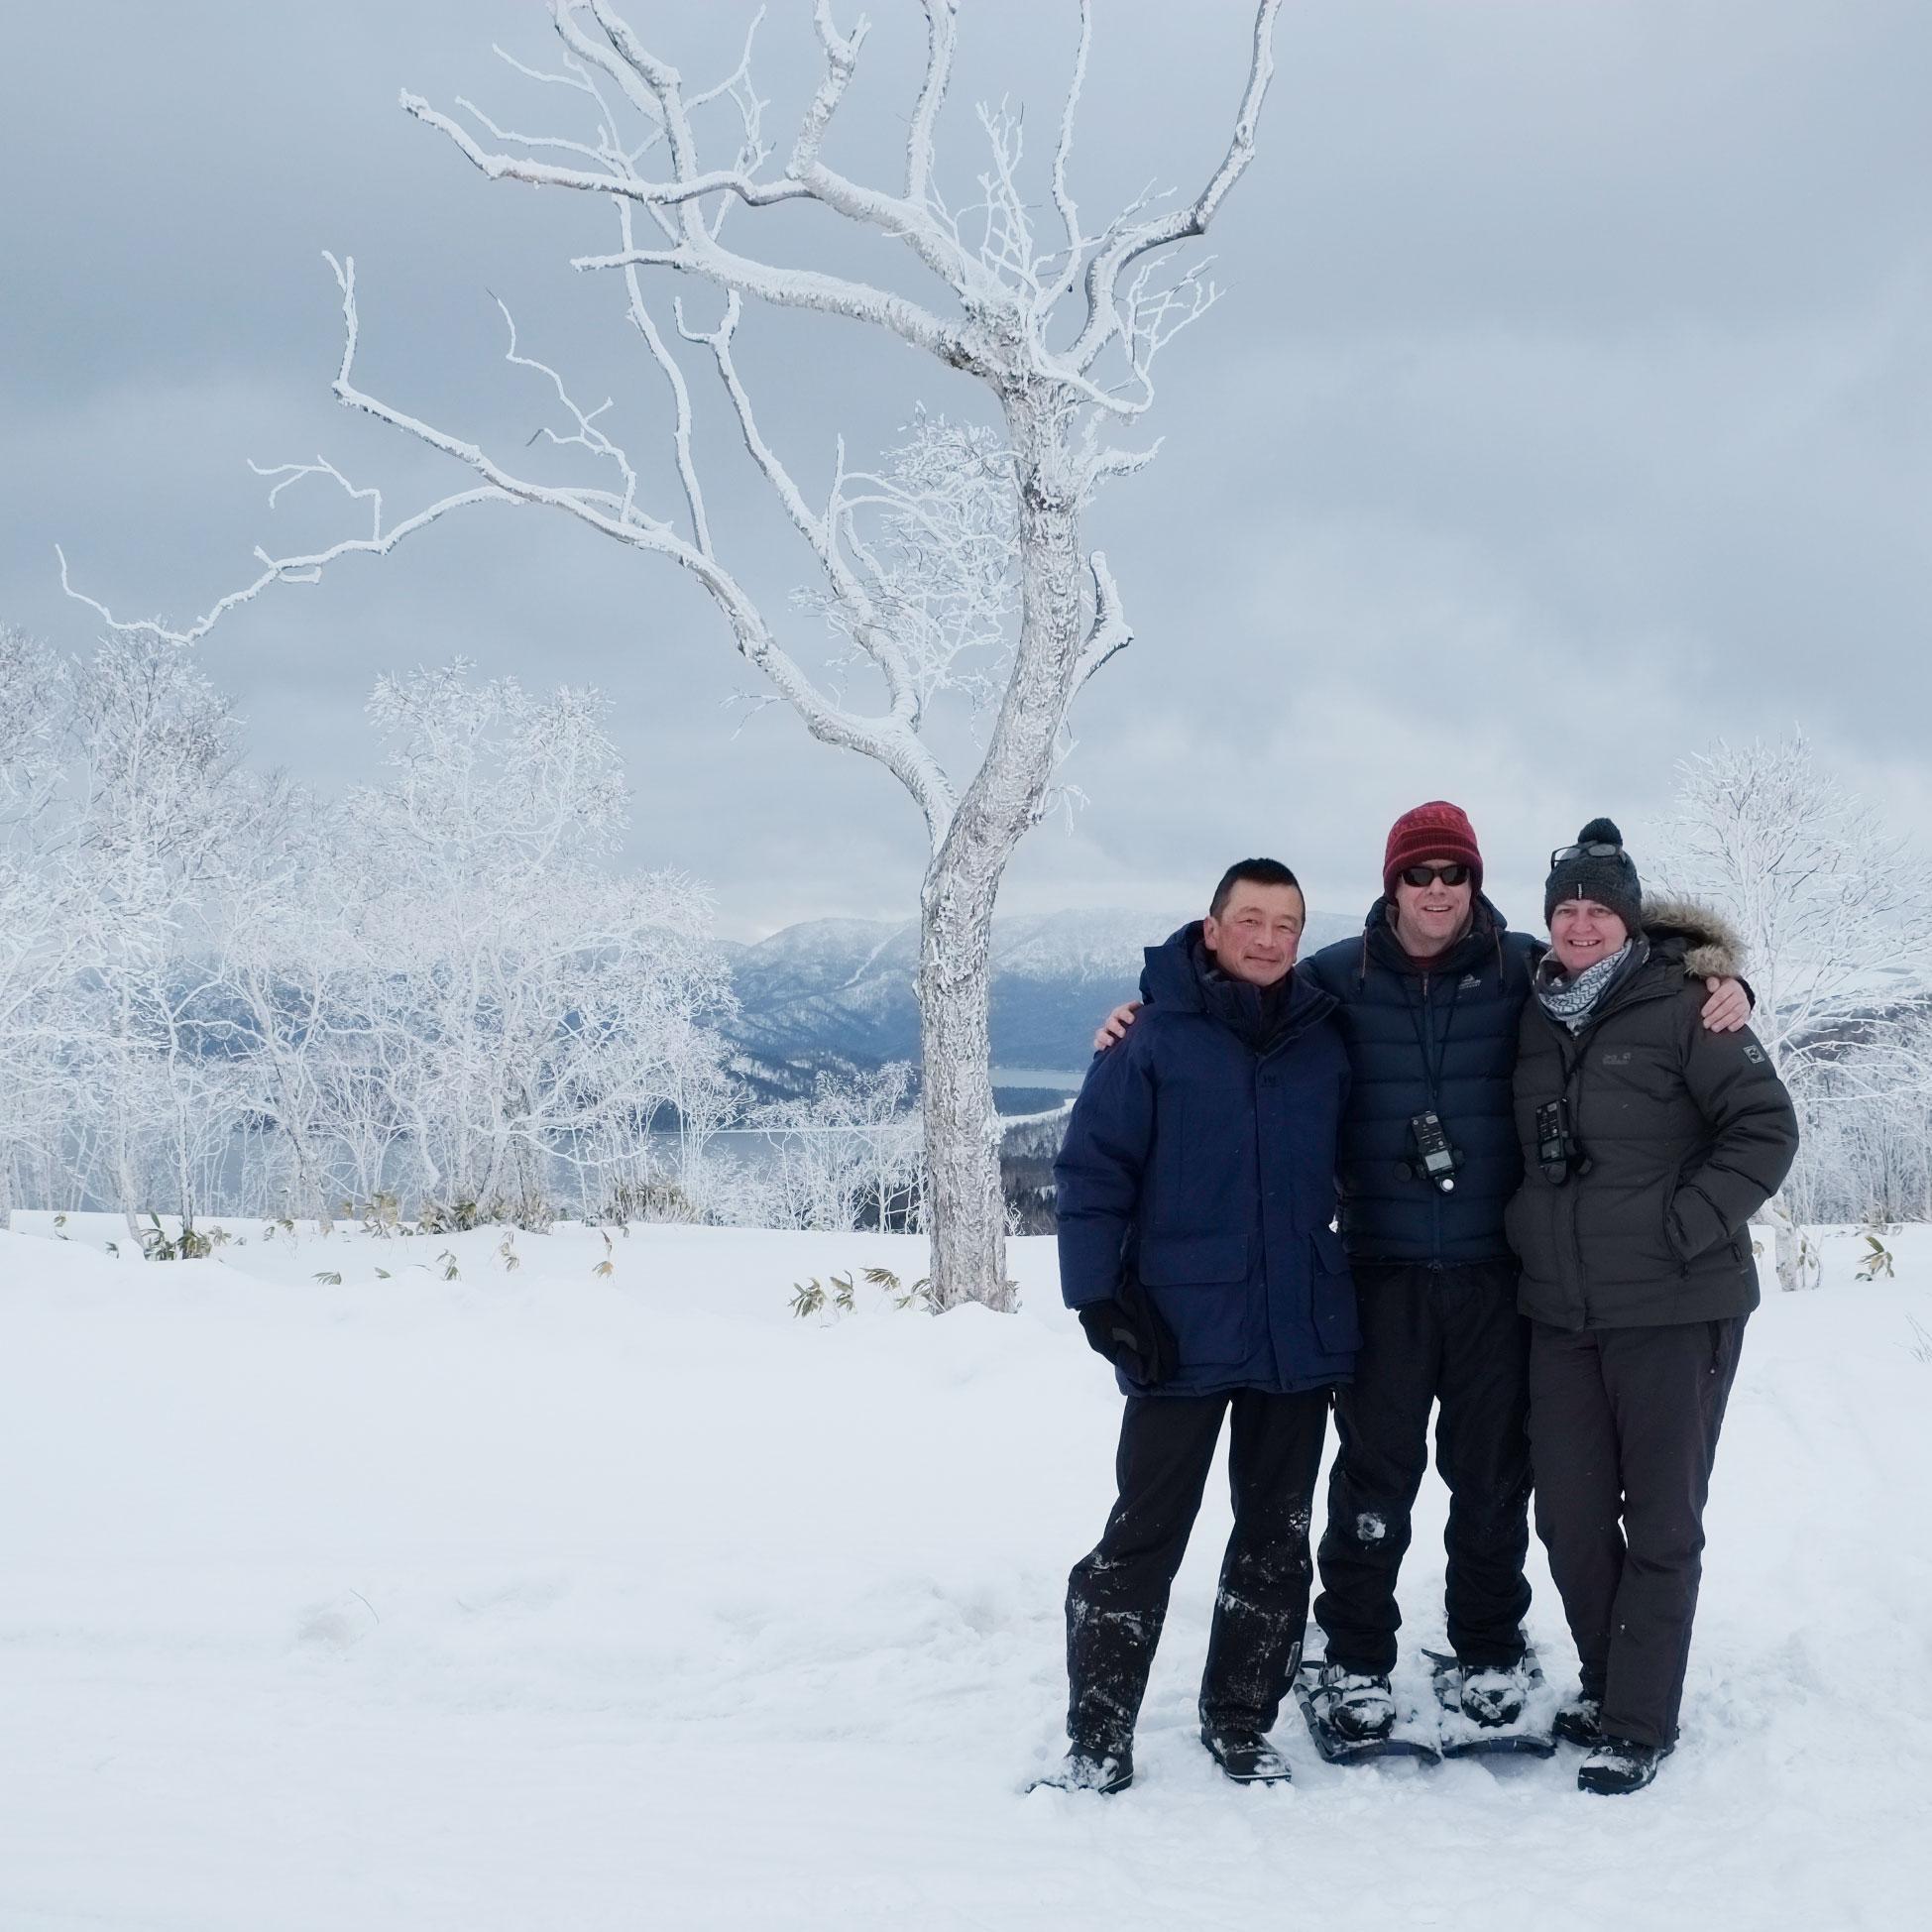 With my friends in Hokkaido.